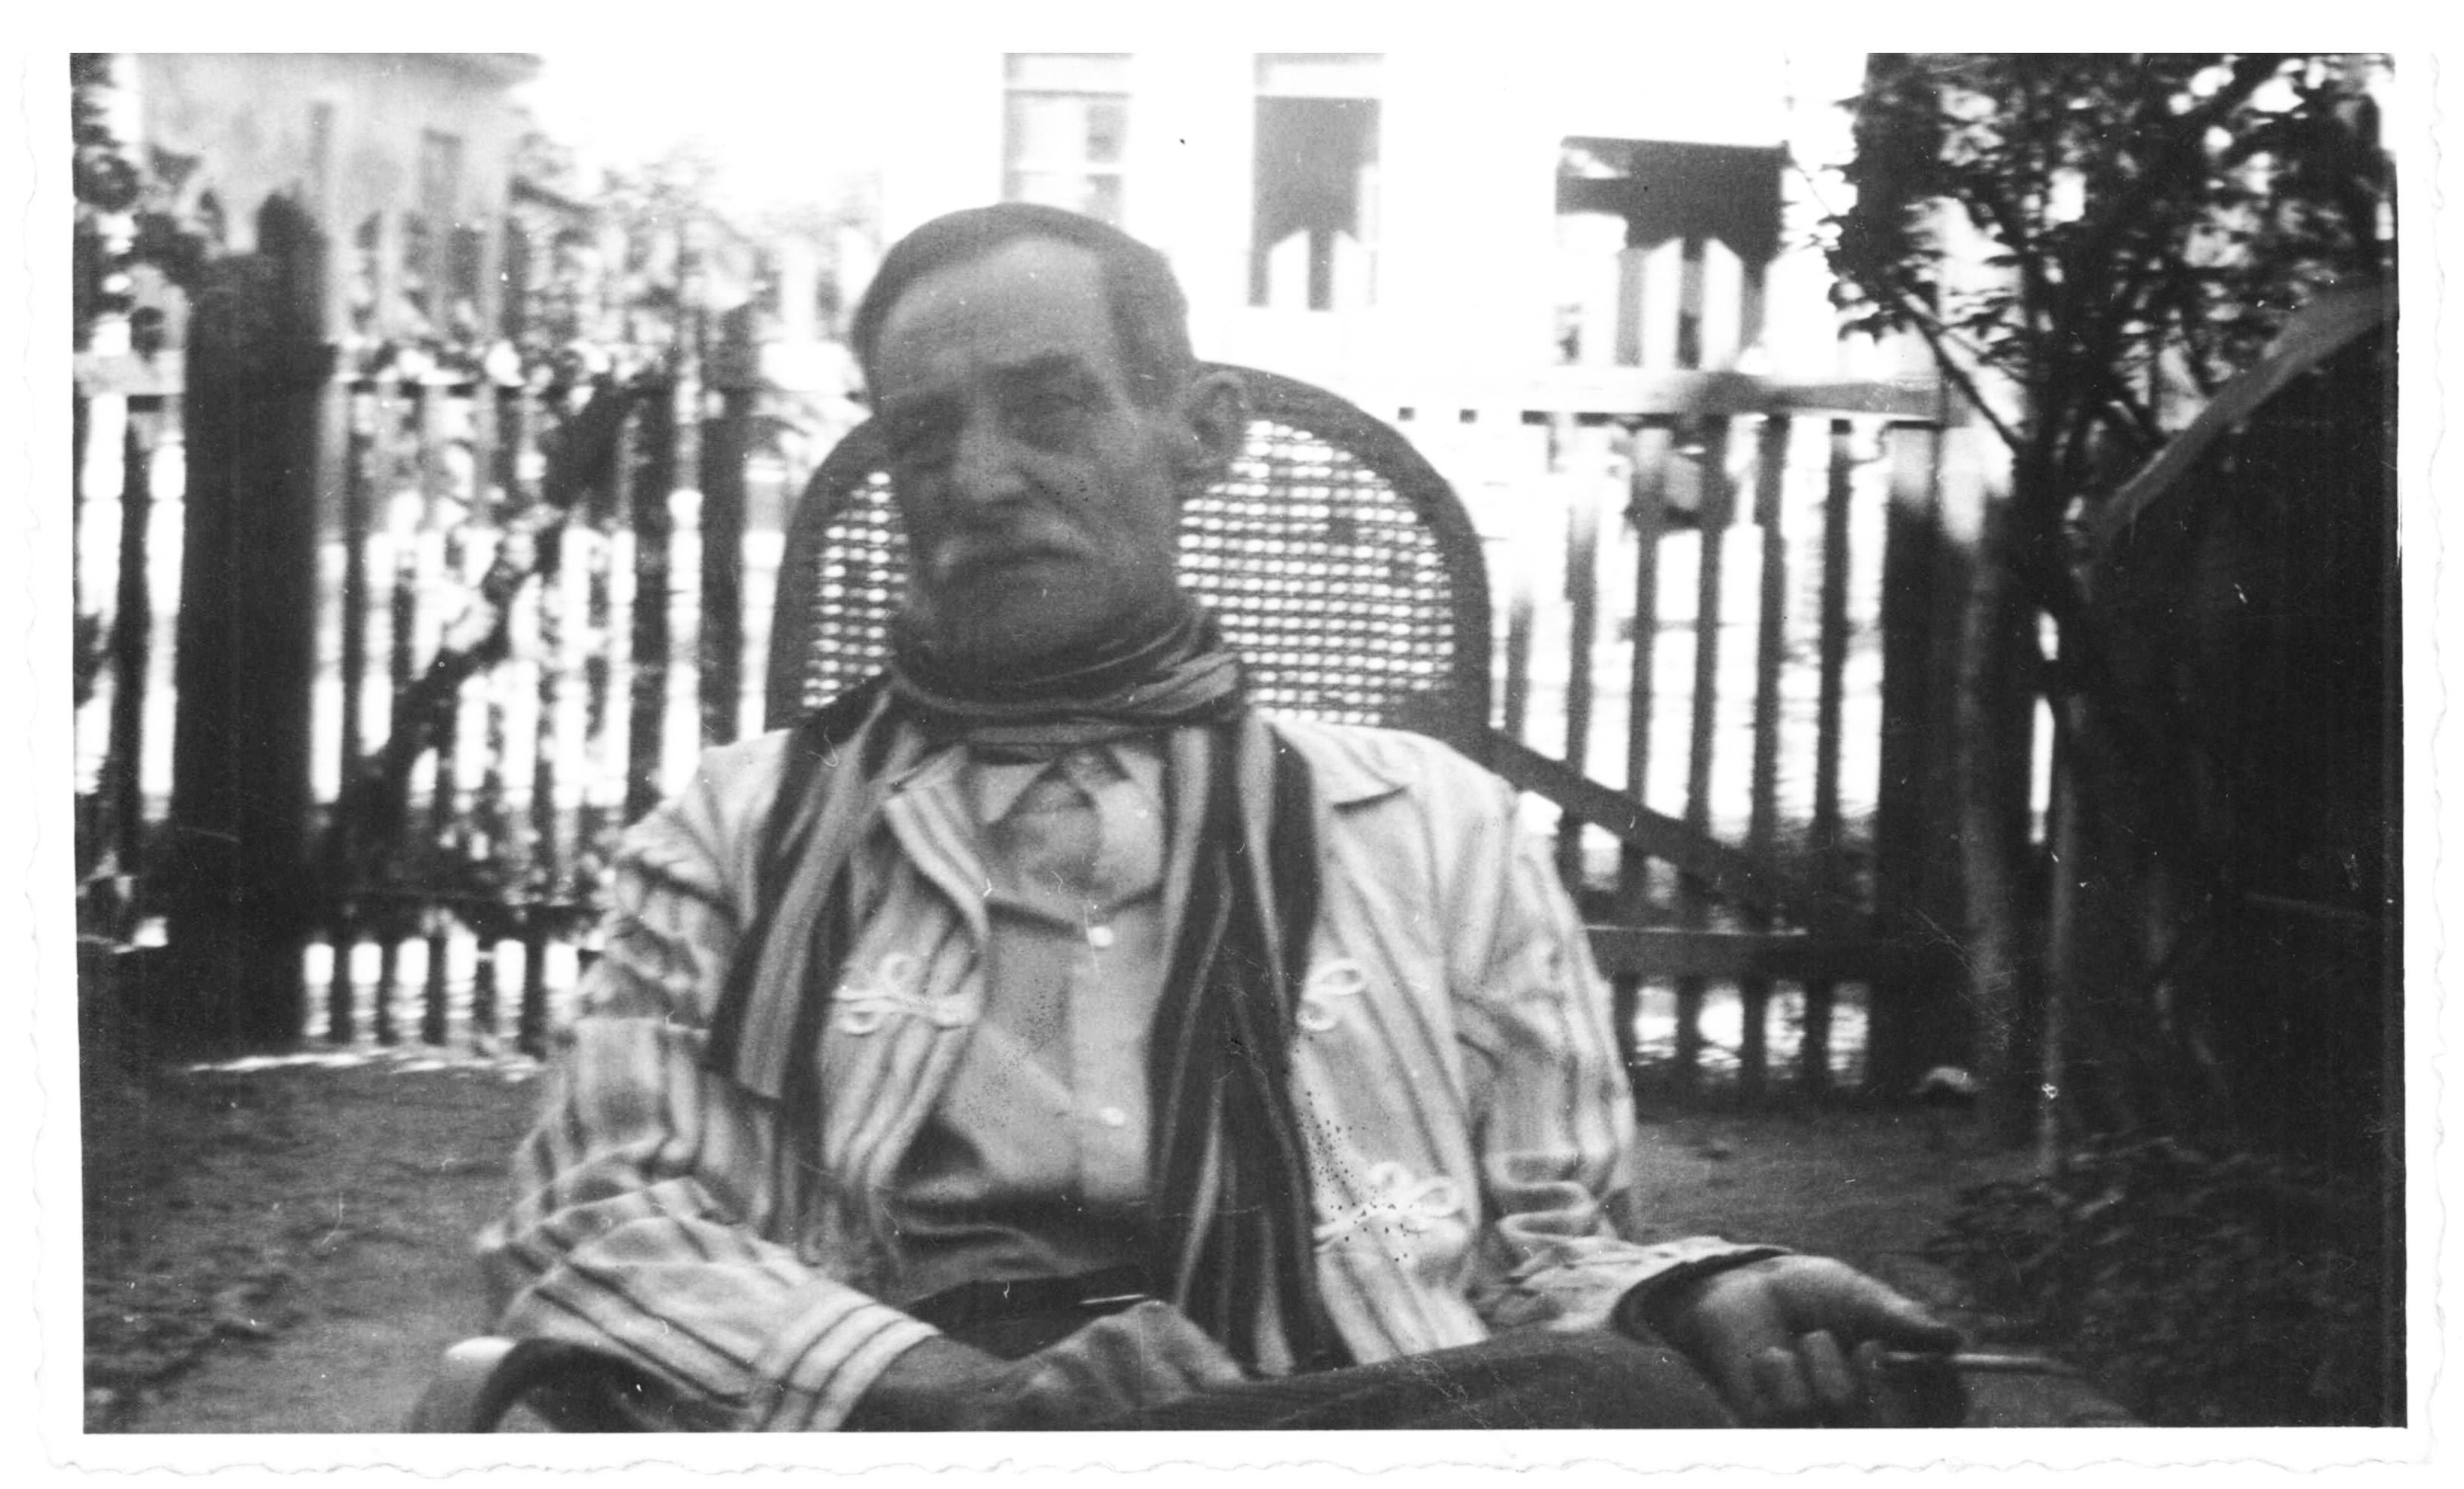 Theodoro nos últimos anos: já doente, usava a manta no pescoço para cobrir o tumor. Ca. 1940. Acervo de família.